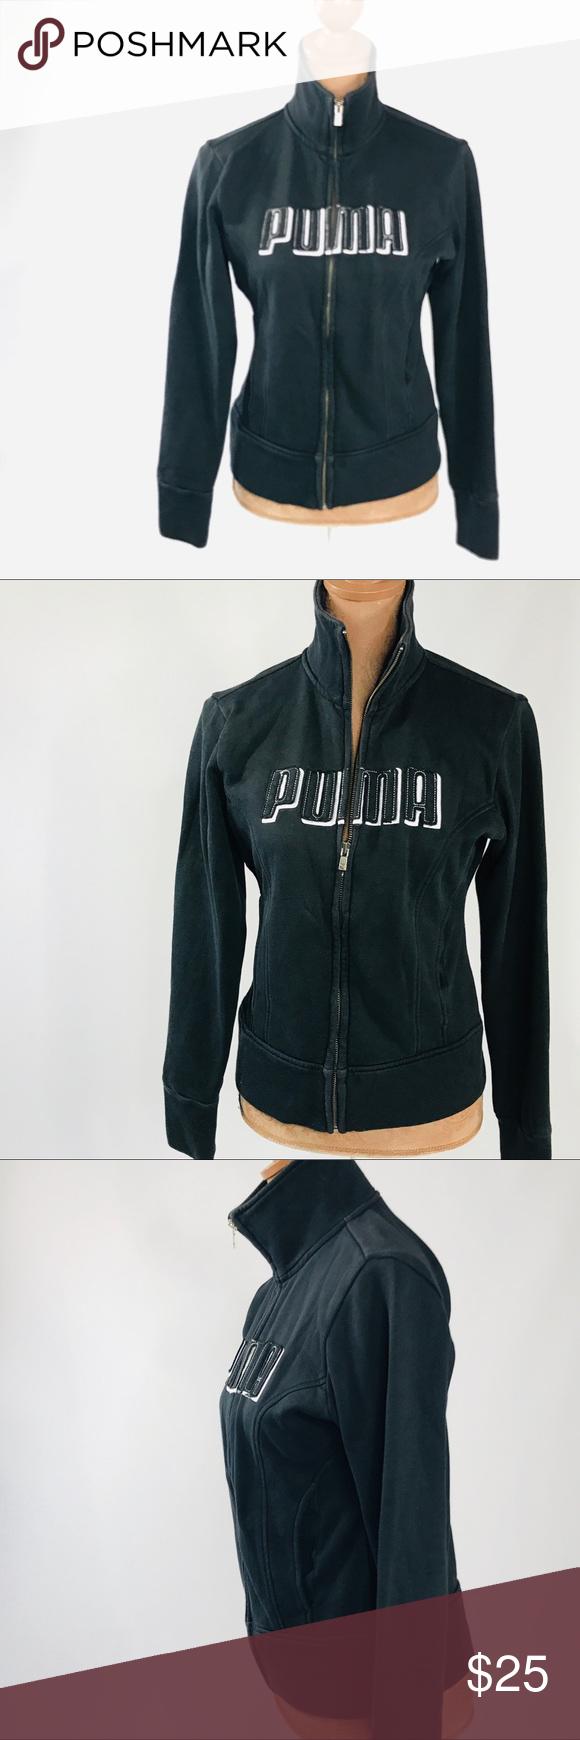 6816eb04cbfa I just added this listing on Poshmark  ❤ Puma Track Suit Jacket Small S  Logo Black Logo.  shopmycloset  poshmark  fashion  shopping  style  forsale   Puma ...